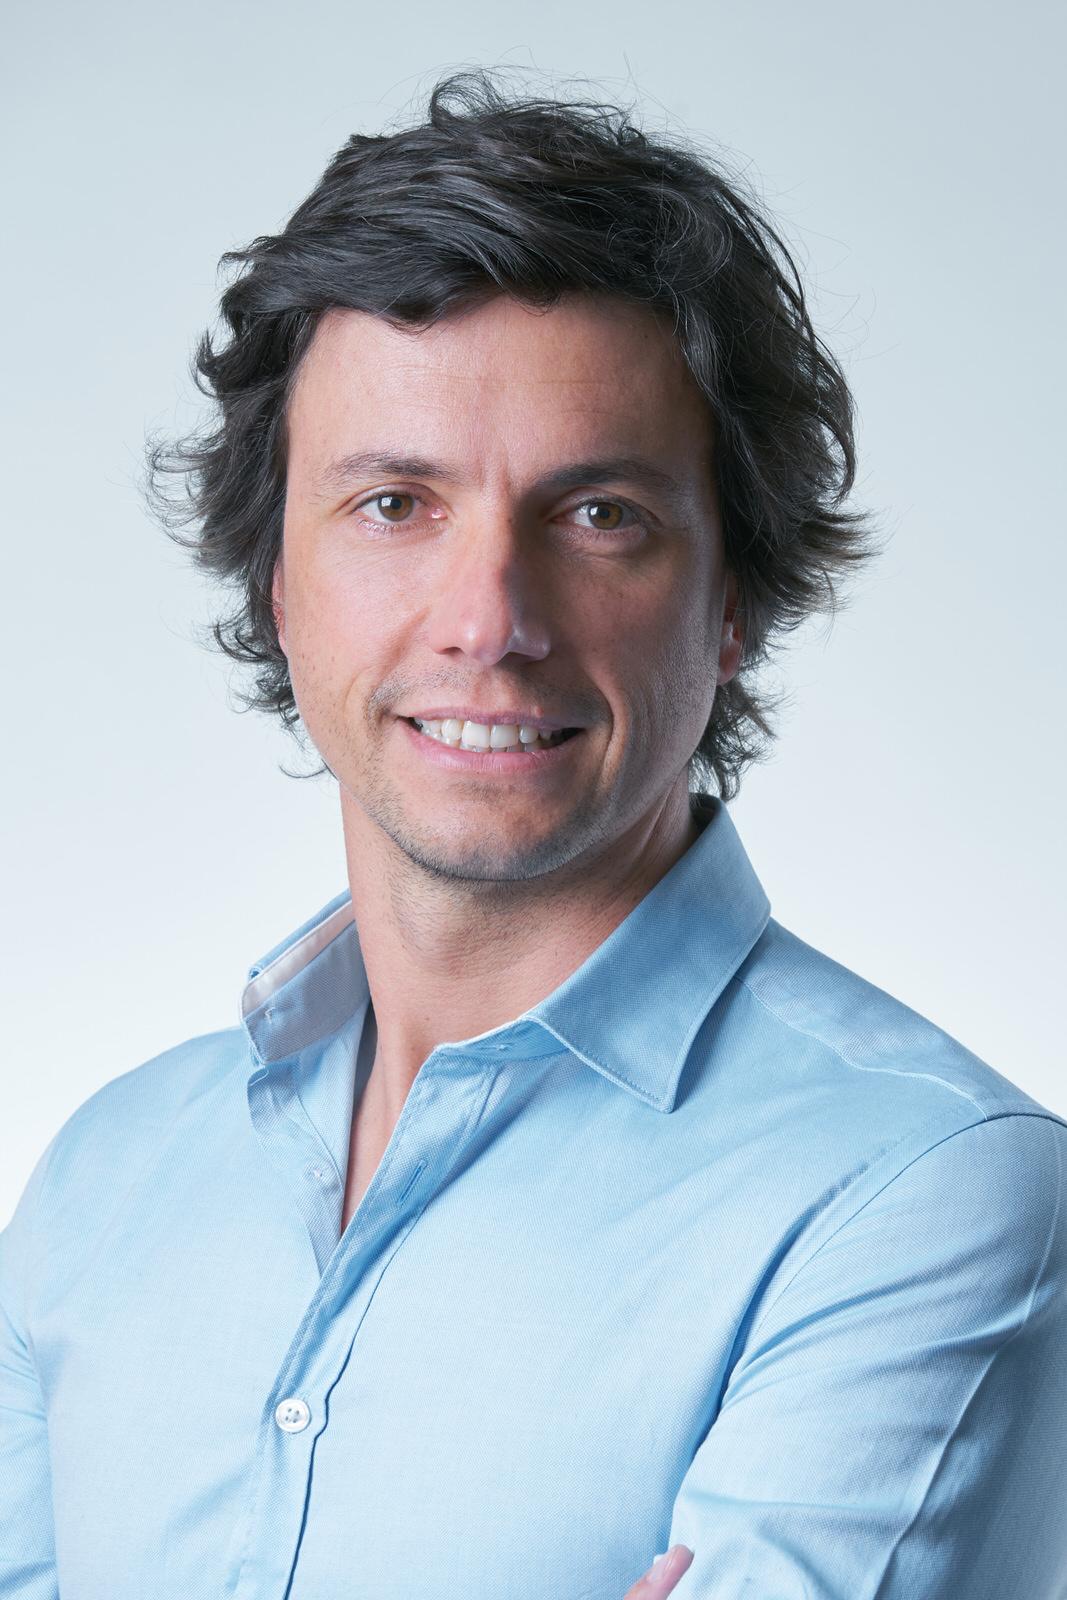 Portrait d'entreprise - Thierry Pousset - Photographe professionnel - Bordeaux - Portrait corporate - Shooting photo